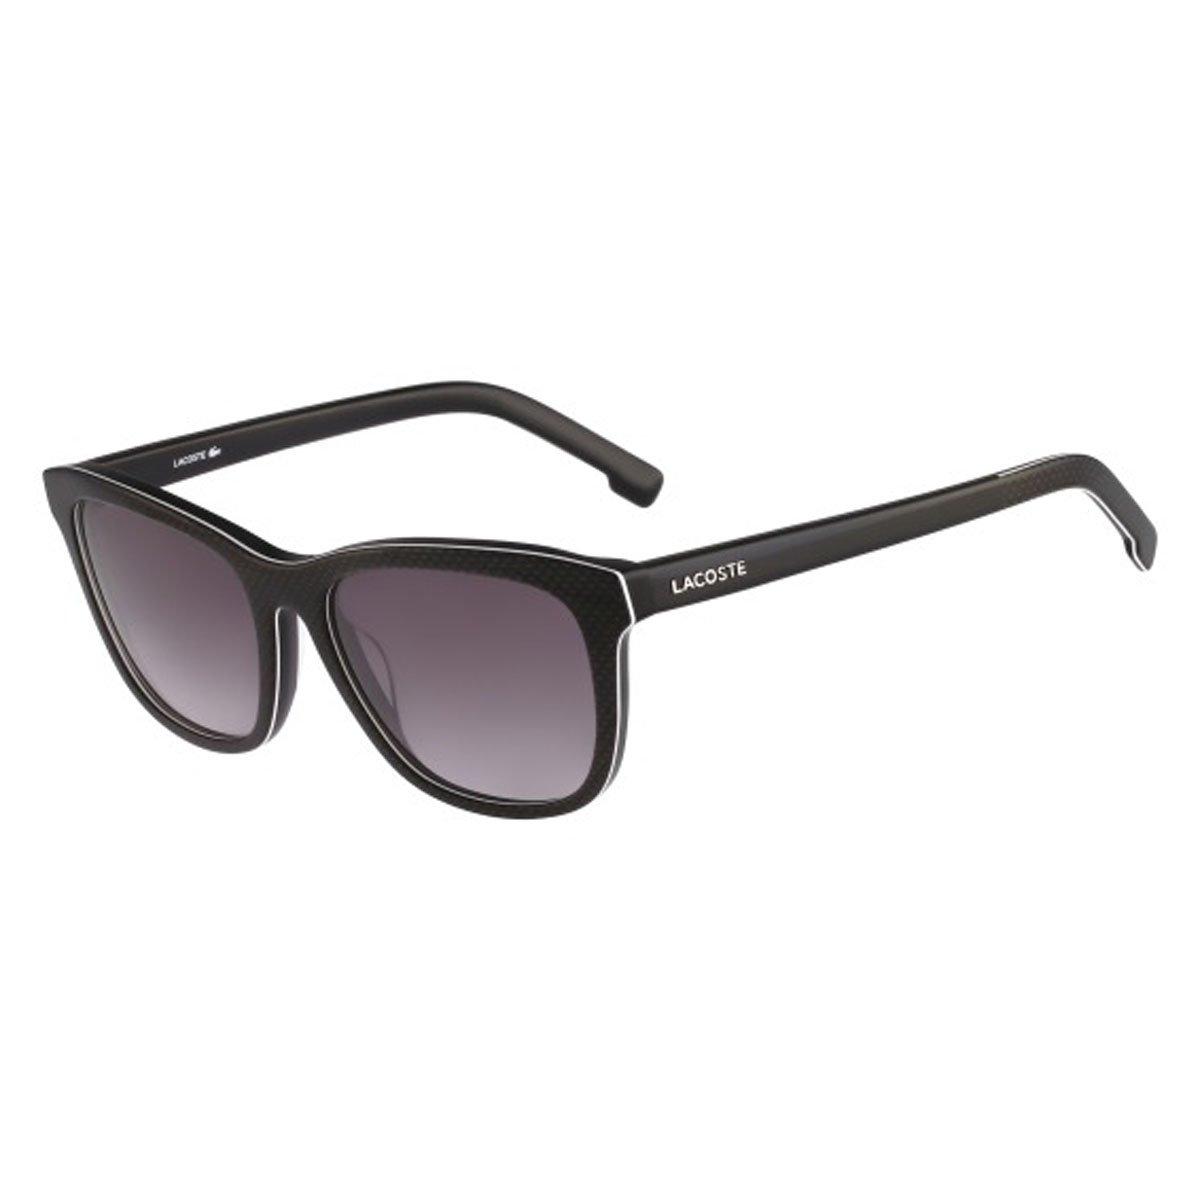 Lacoste Sonnenbrille L748S (57 mm) braun/lavendel DmkSNsVCBB